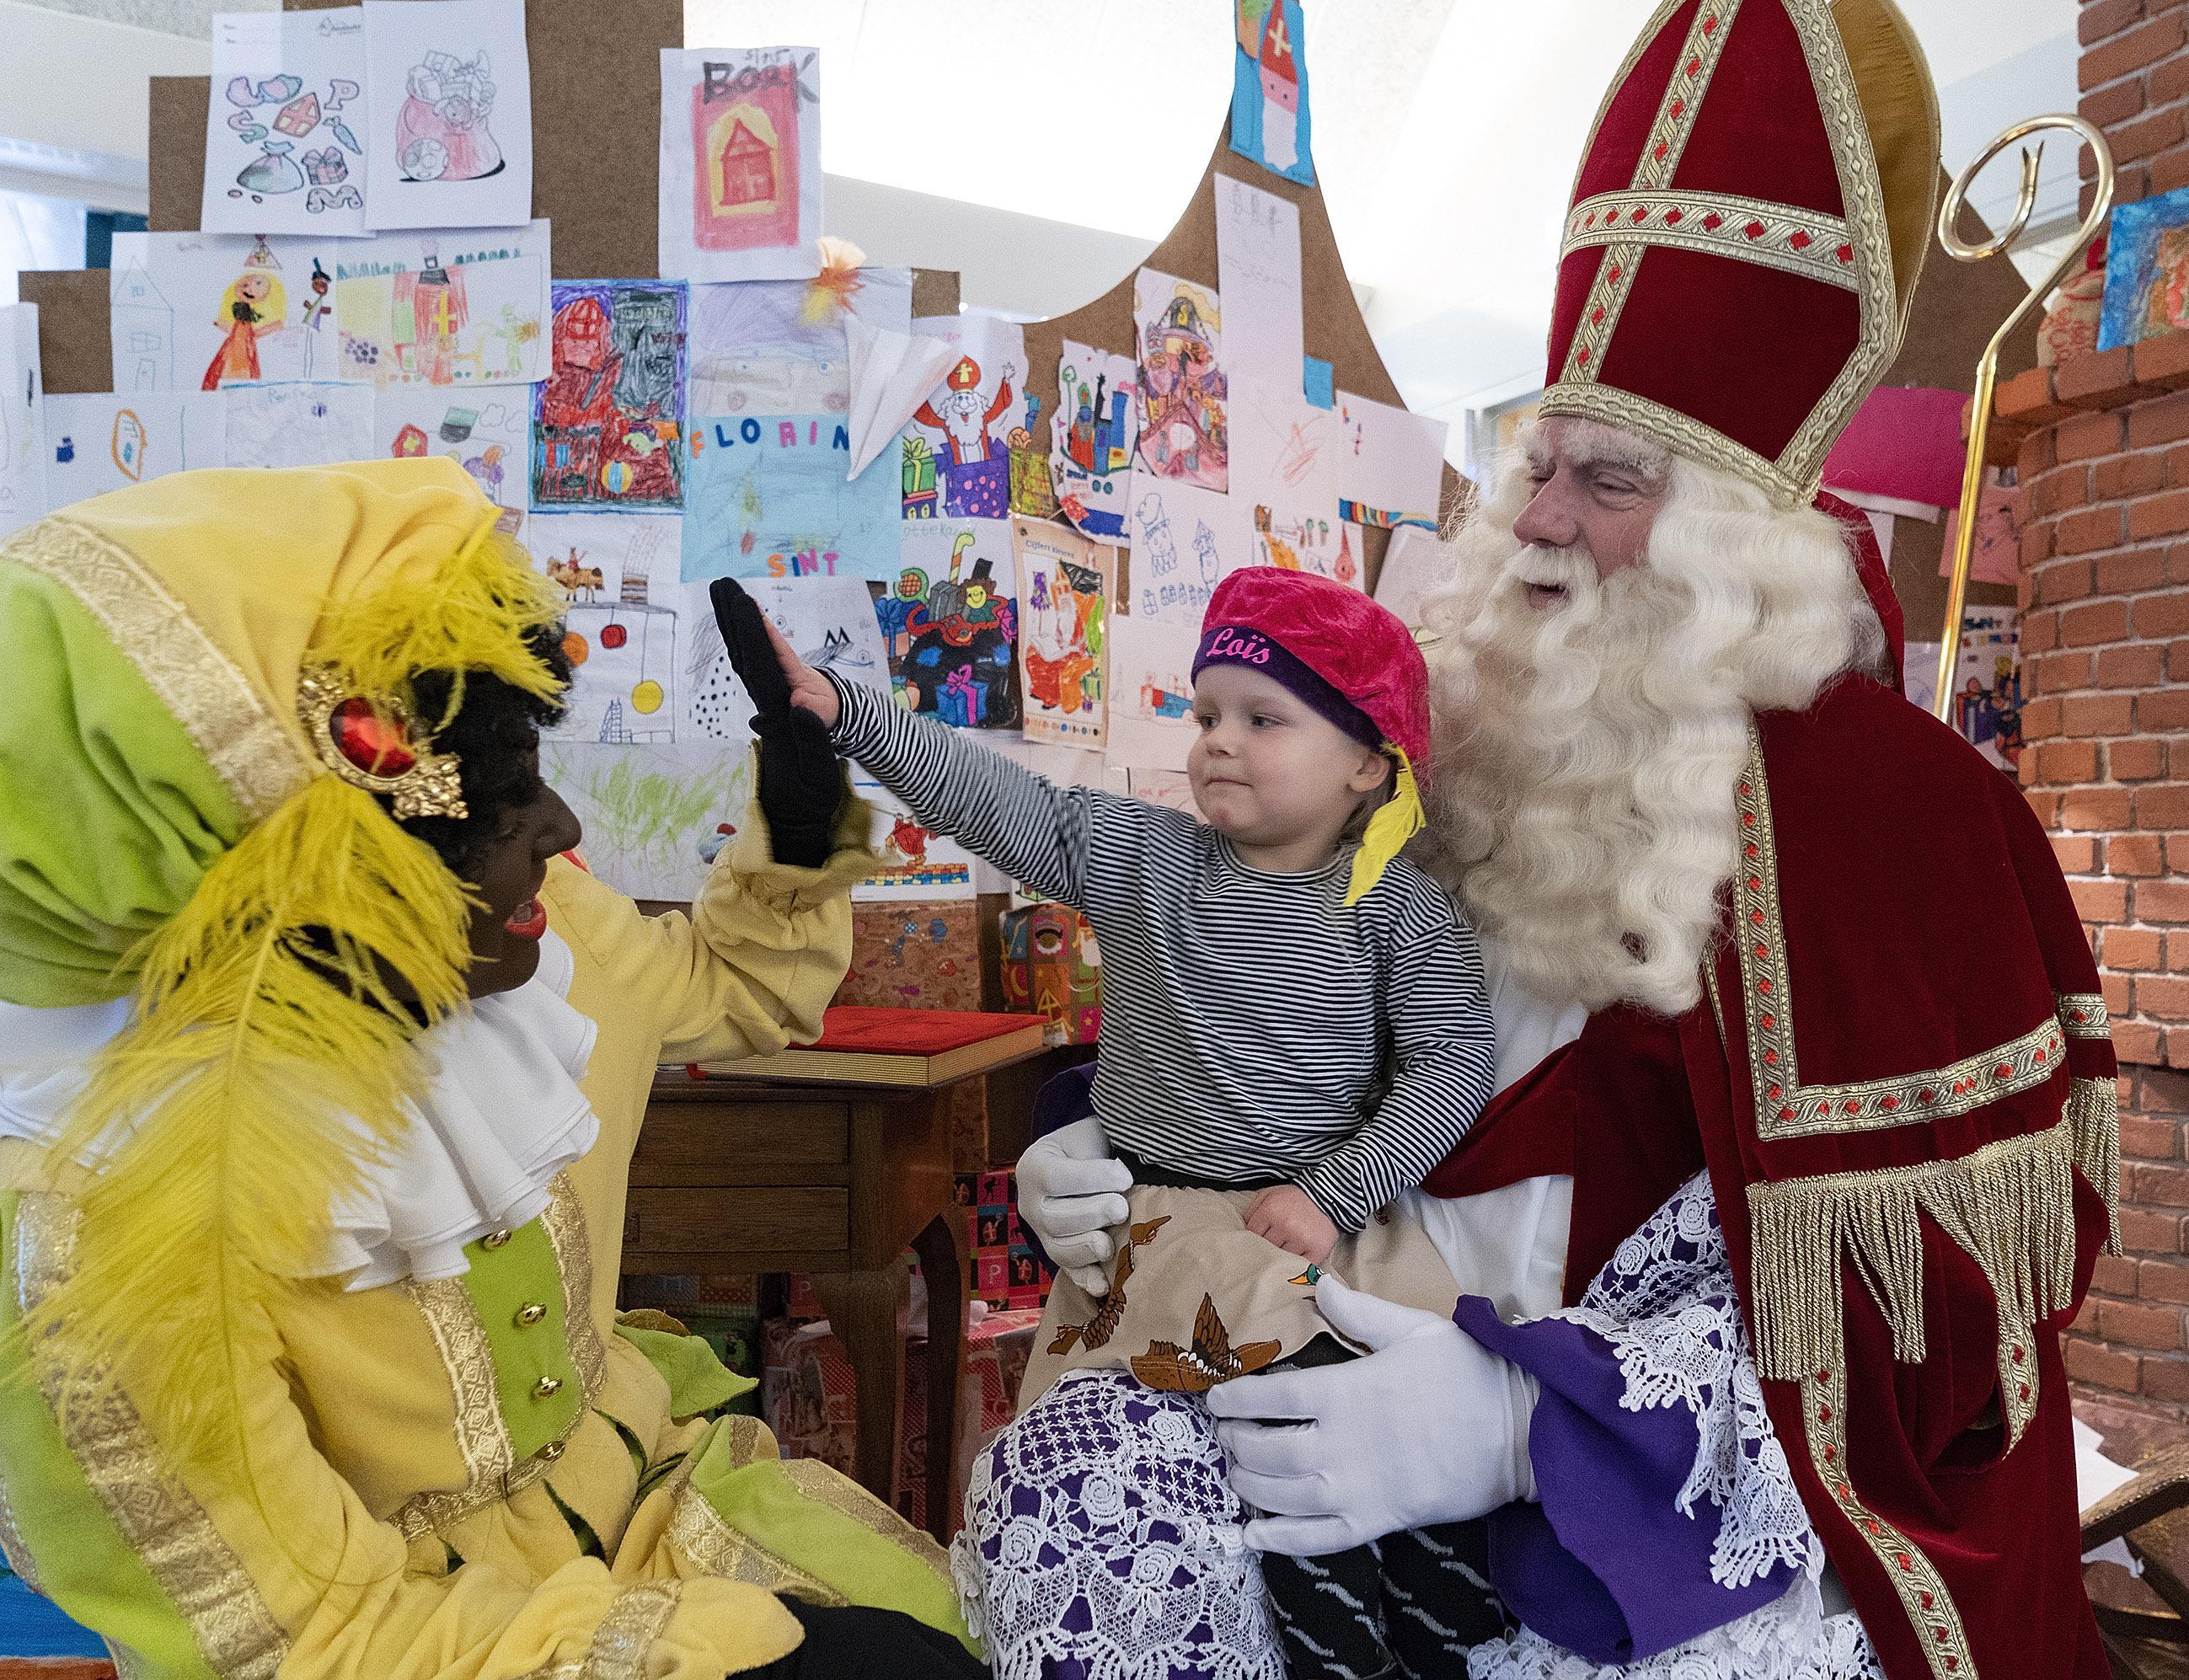 Hij komt, hij komt! Sint maakt dit jaar extra kilometers in de gemeente Bergen. Organisaties willen uiterlijk van piet aanpassen. 'Dat betekent niet dat er straks helemaal geen zwarte pieten meer zijn'